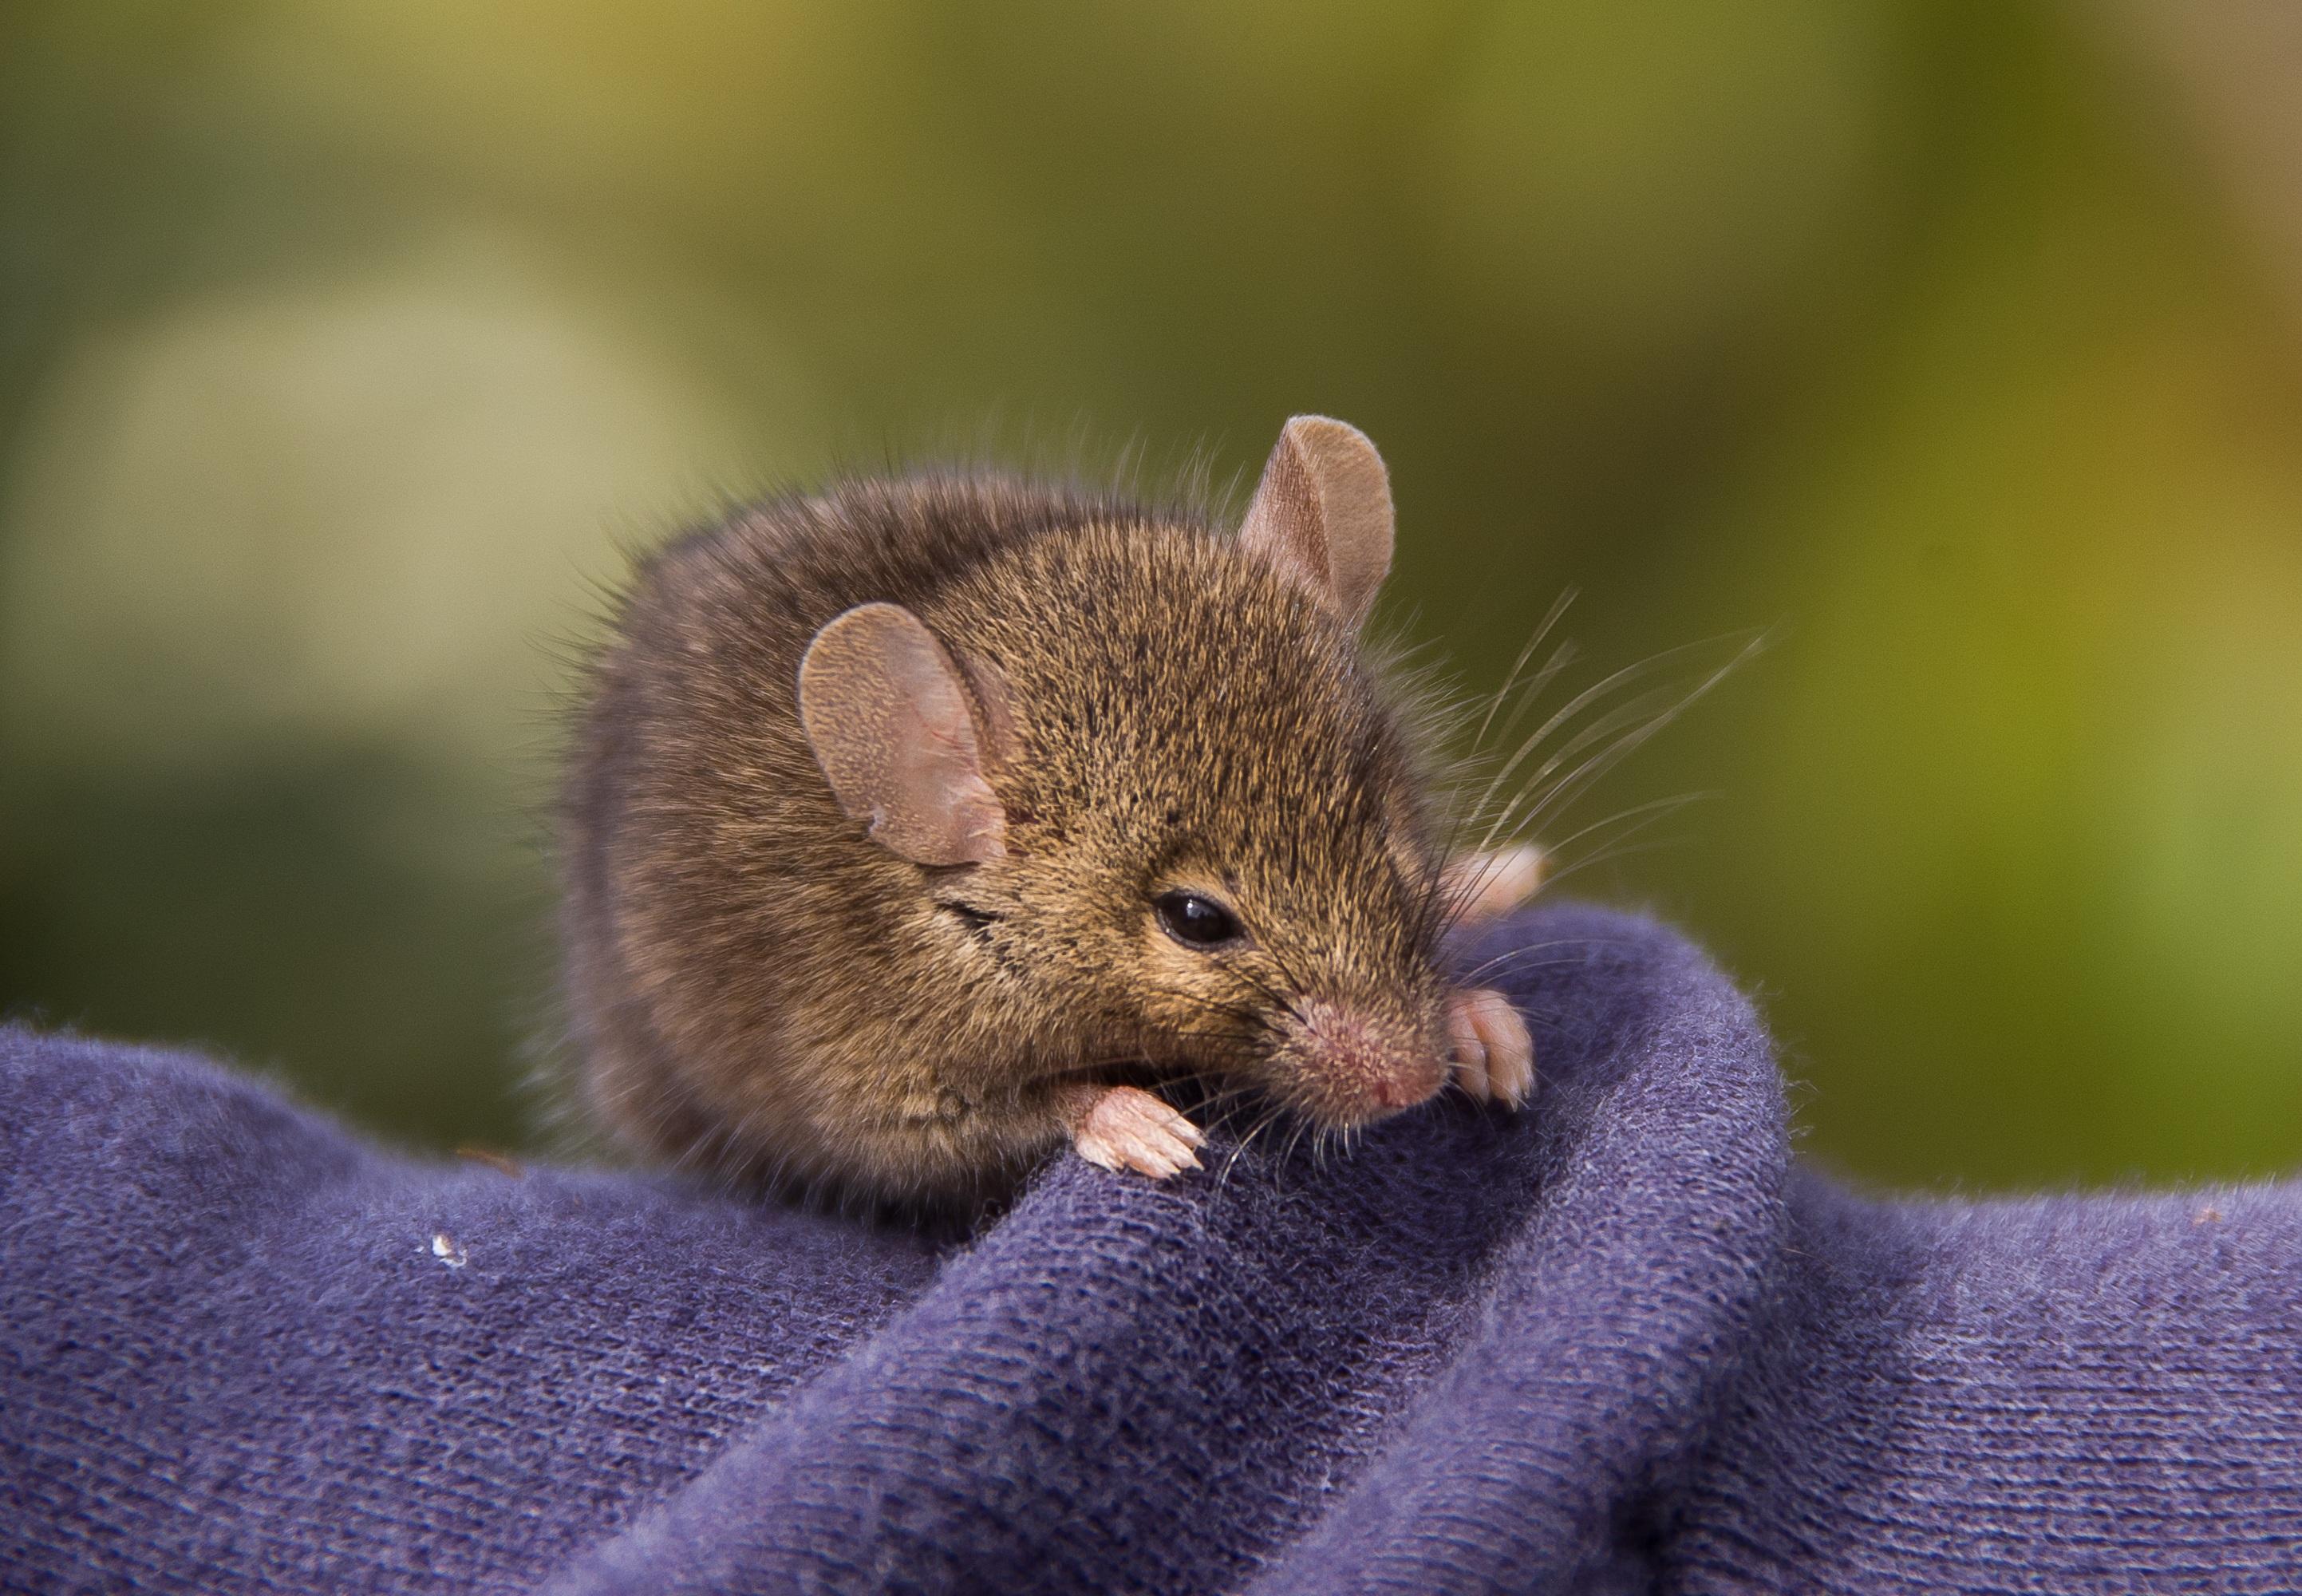 アンテキヌス マウス 可愛い 野生動物 野生 毛皮 褐色 哺乳類 齧歯類 動物相 閉じる オーストラリア ラット